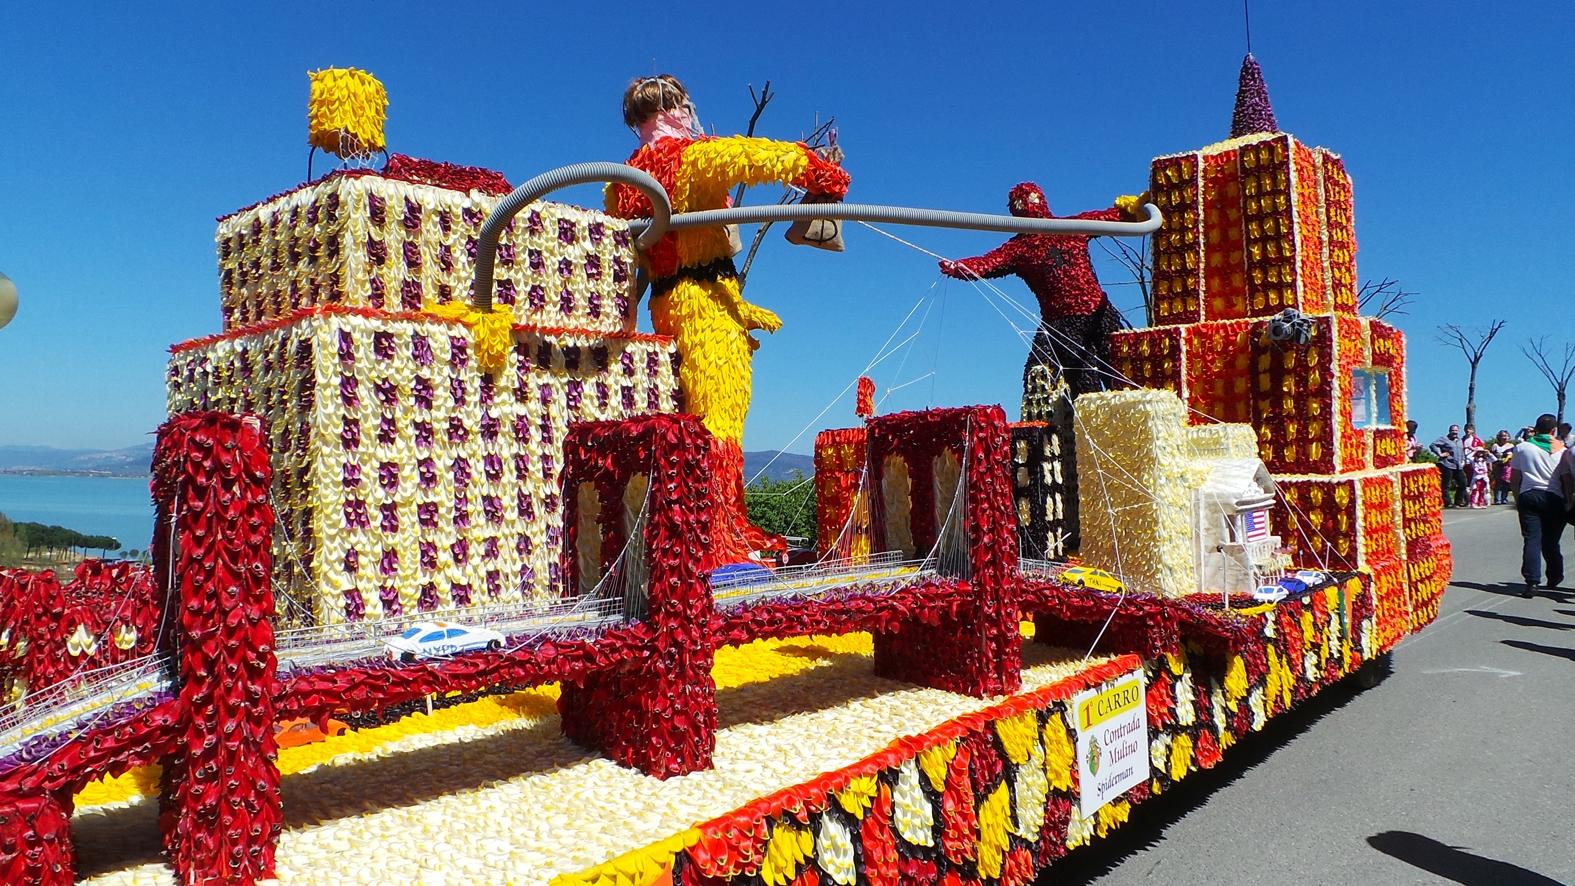 L'Olanda arriva a Castiglione del Lago con la Festa del Tulipano